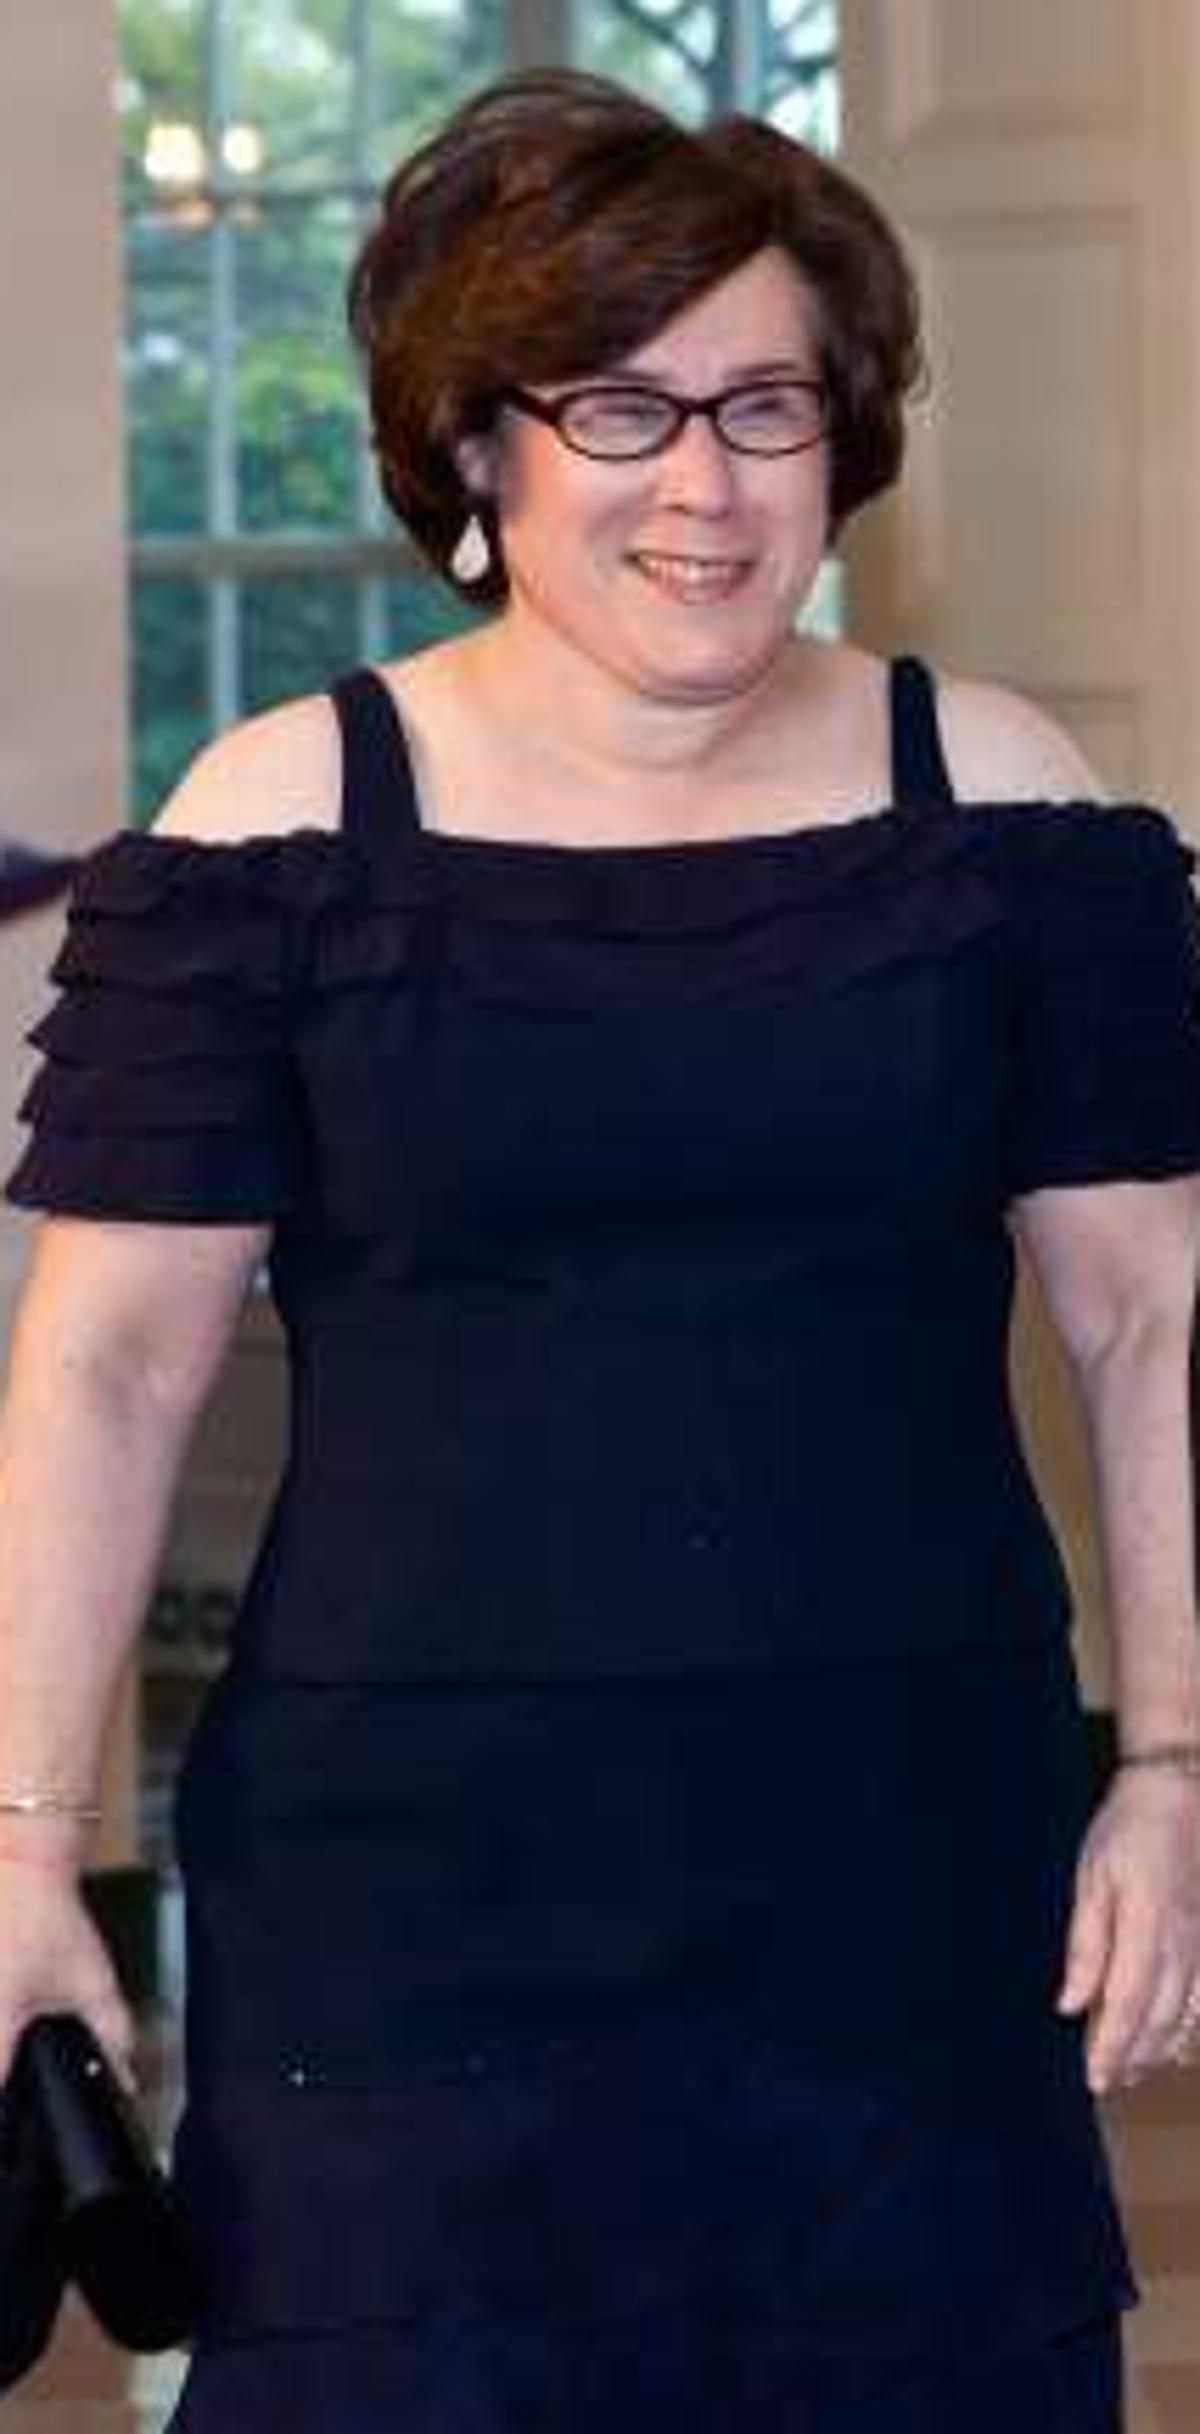 Chuck Schumer S Wife Wiki 5 Facts To Know About Iris Weinshall Аннотация к книге iris weinshall. chuck schumer s wife wiki 5 facts to